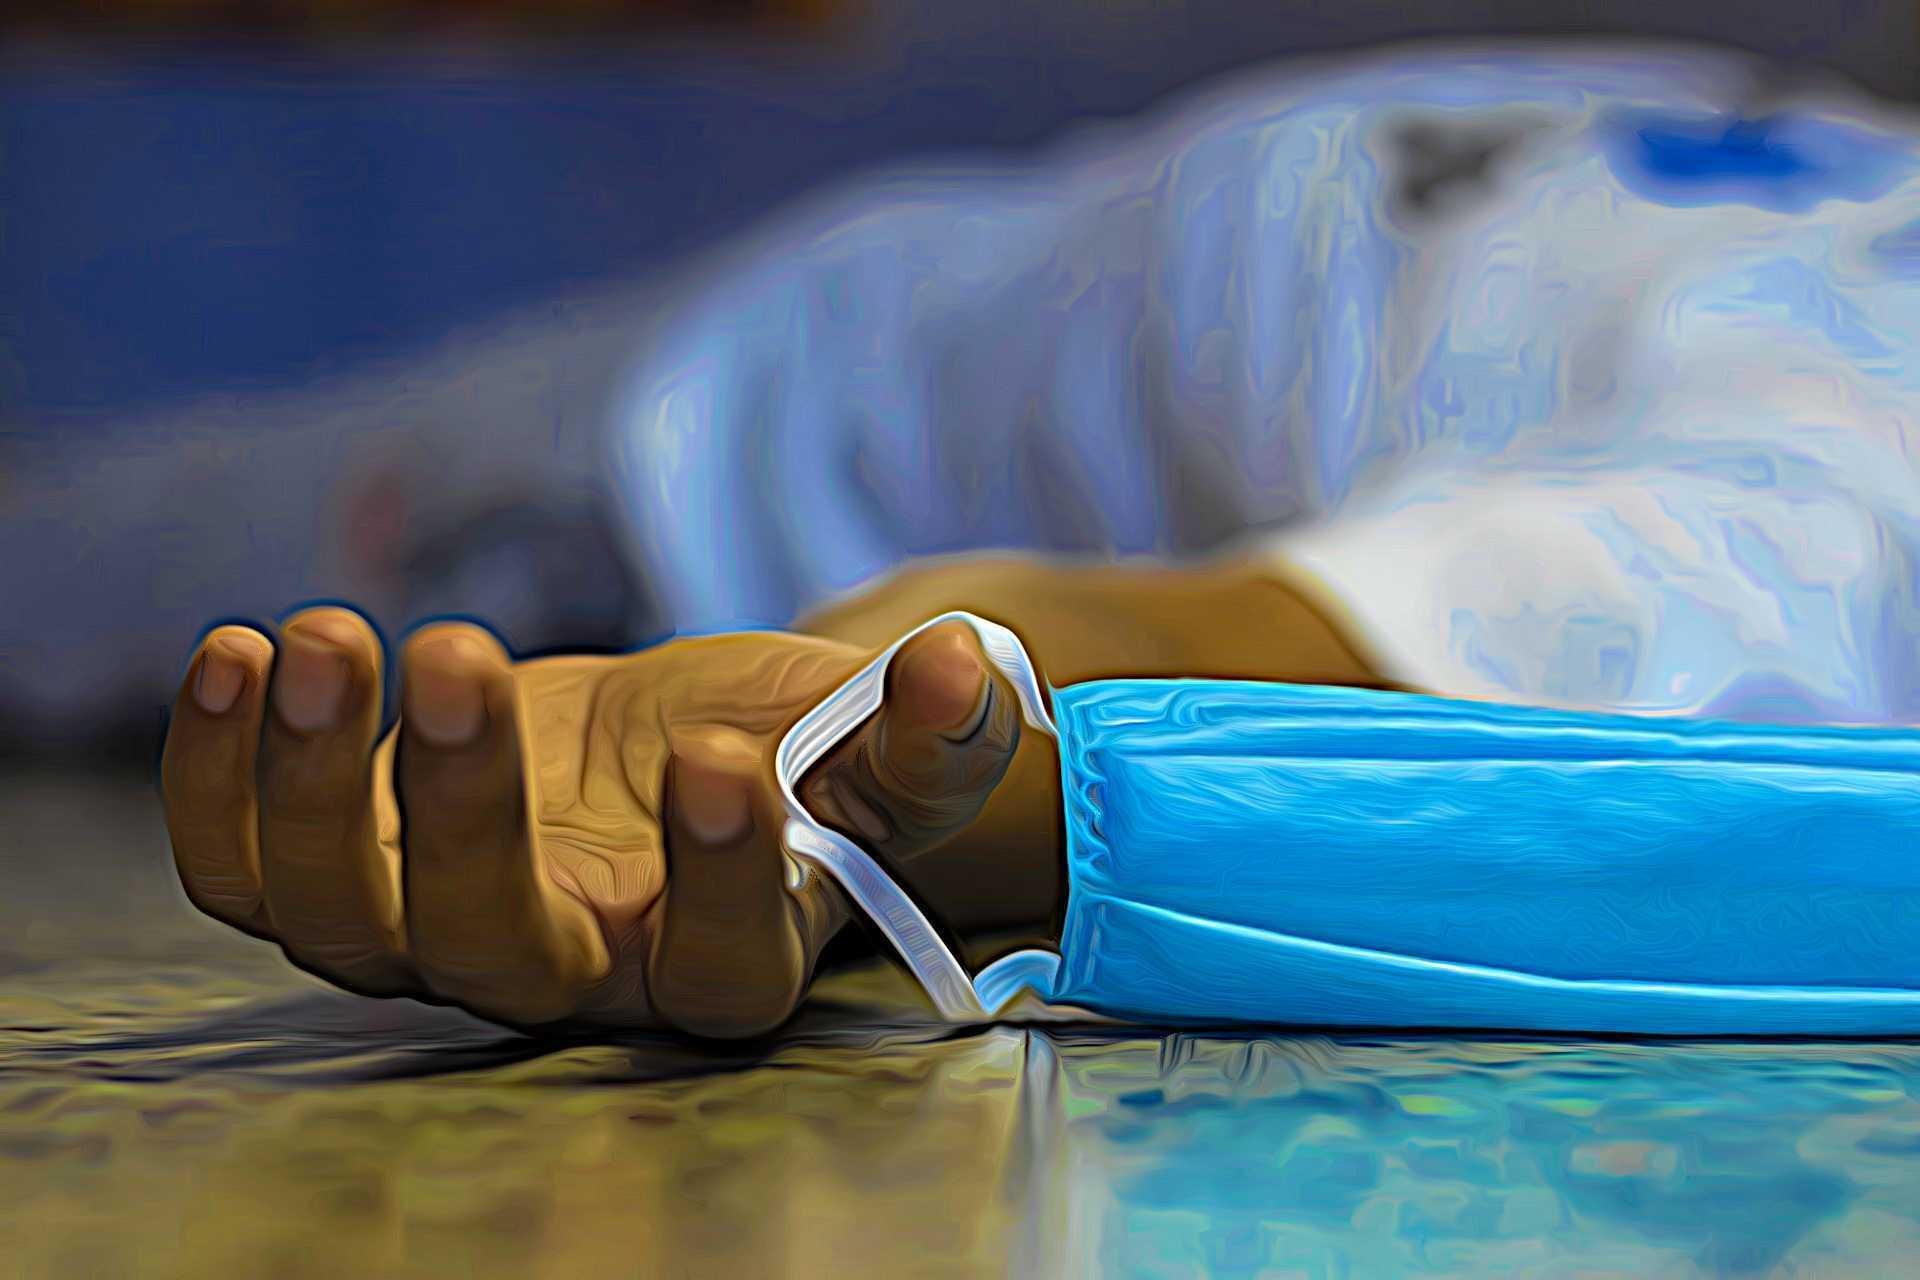 भारतमा एकैदिन ११३३ संक्रमितको मृत्यु